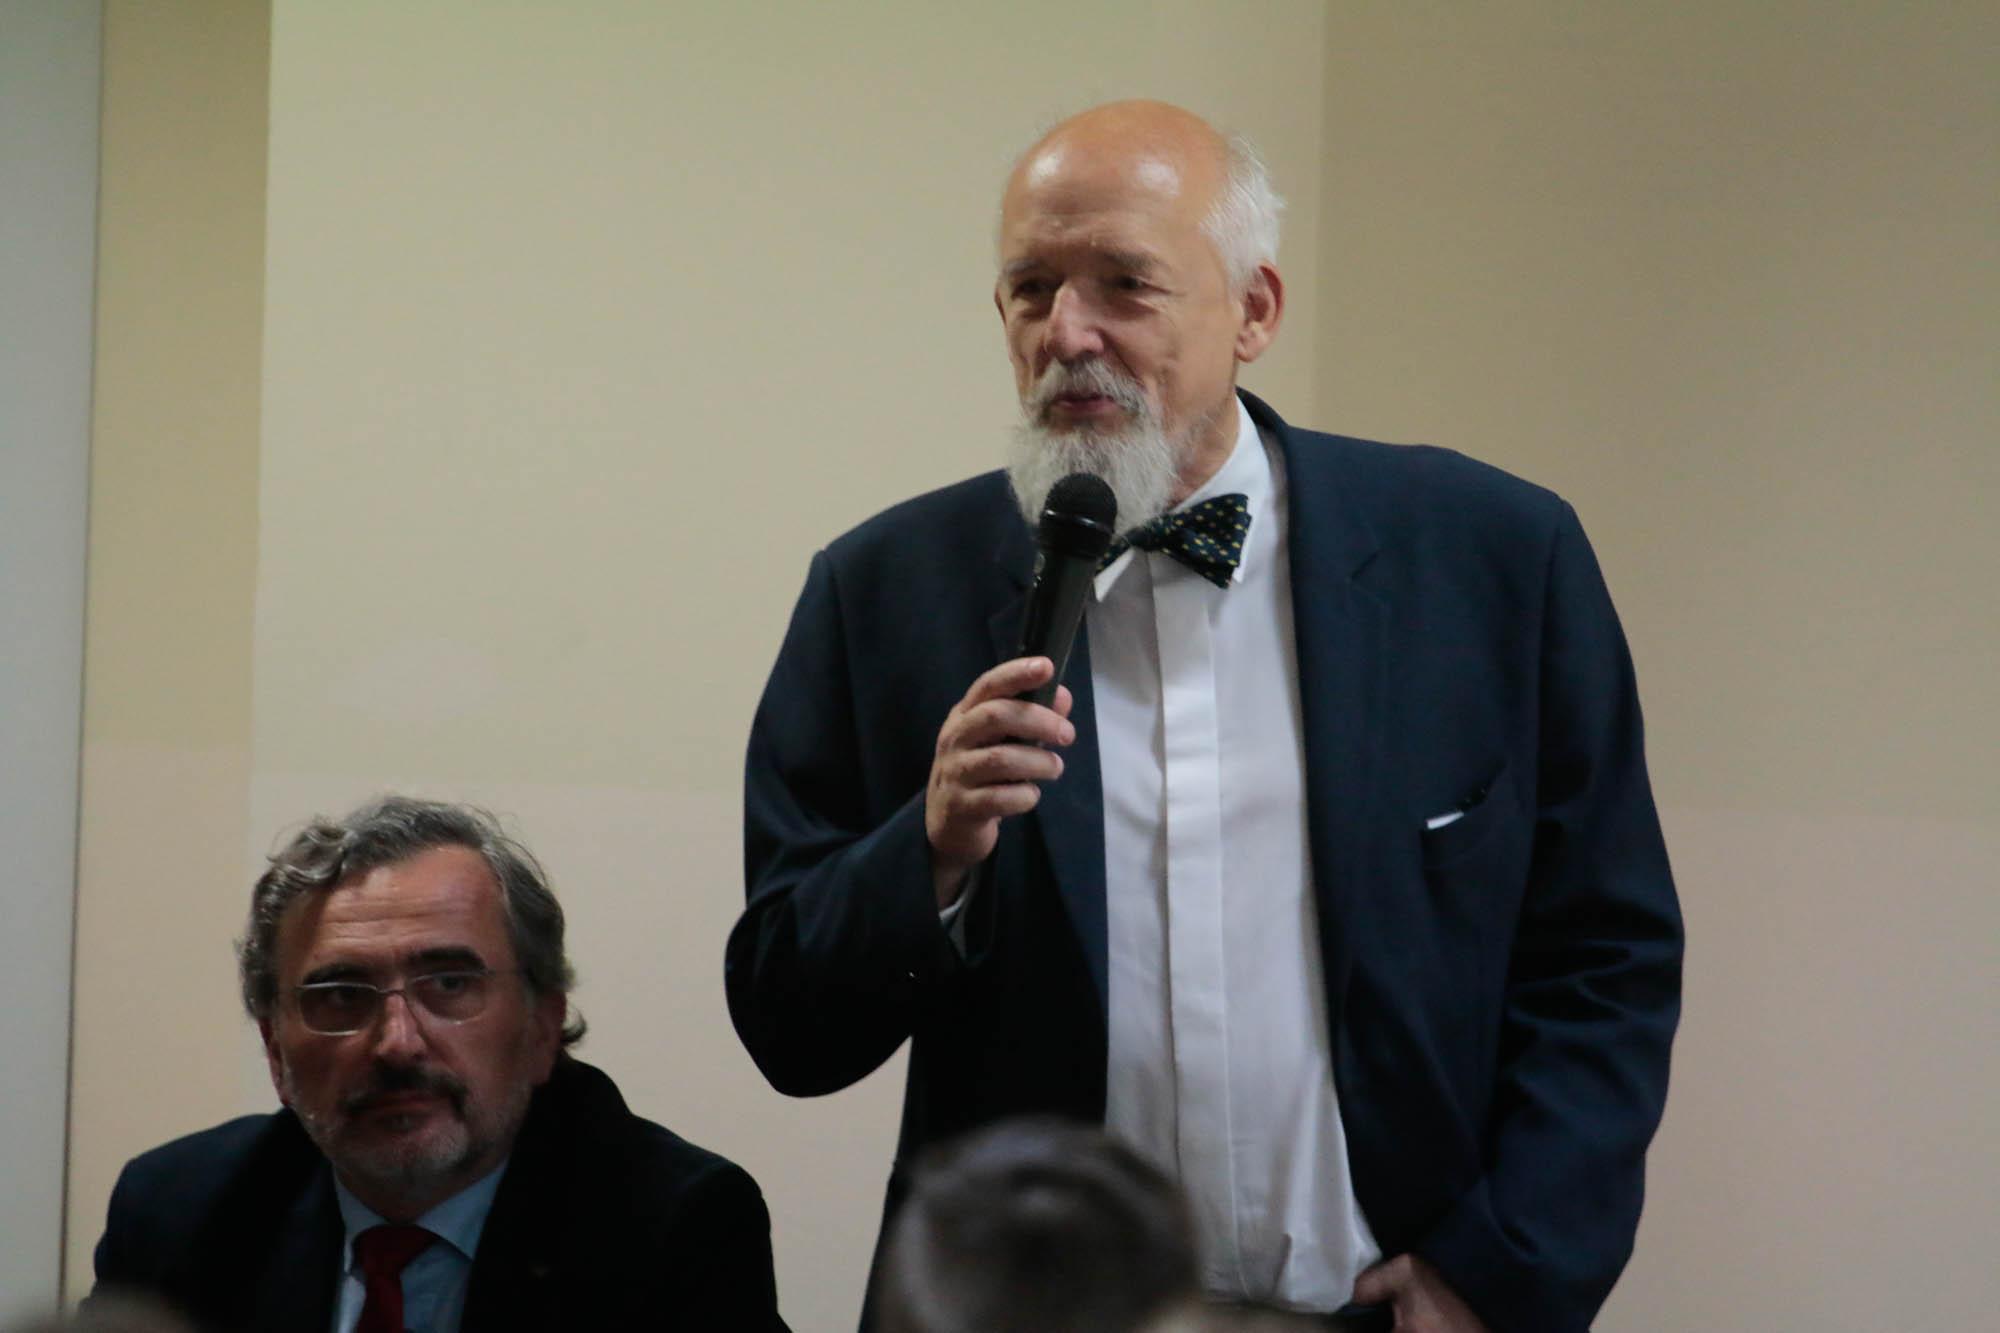 Janusz Korwin-Mikke na Podkarpaciu: - Nie ma żadnej pandemii! [FOTO, VIDEO] - Zdjęcie główne